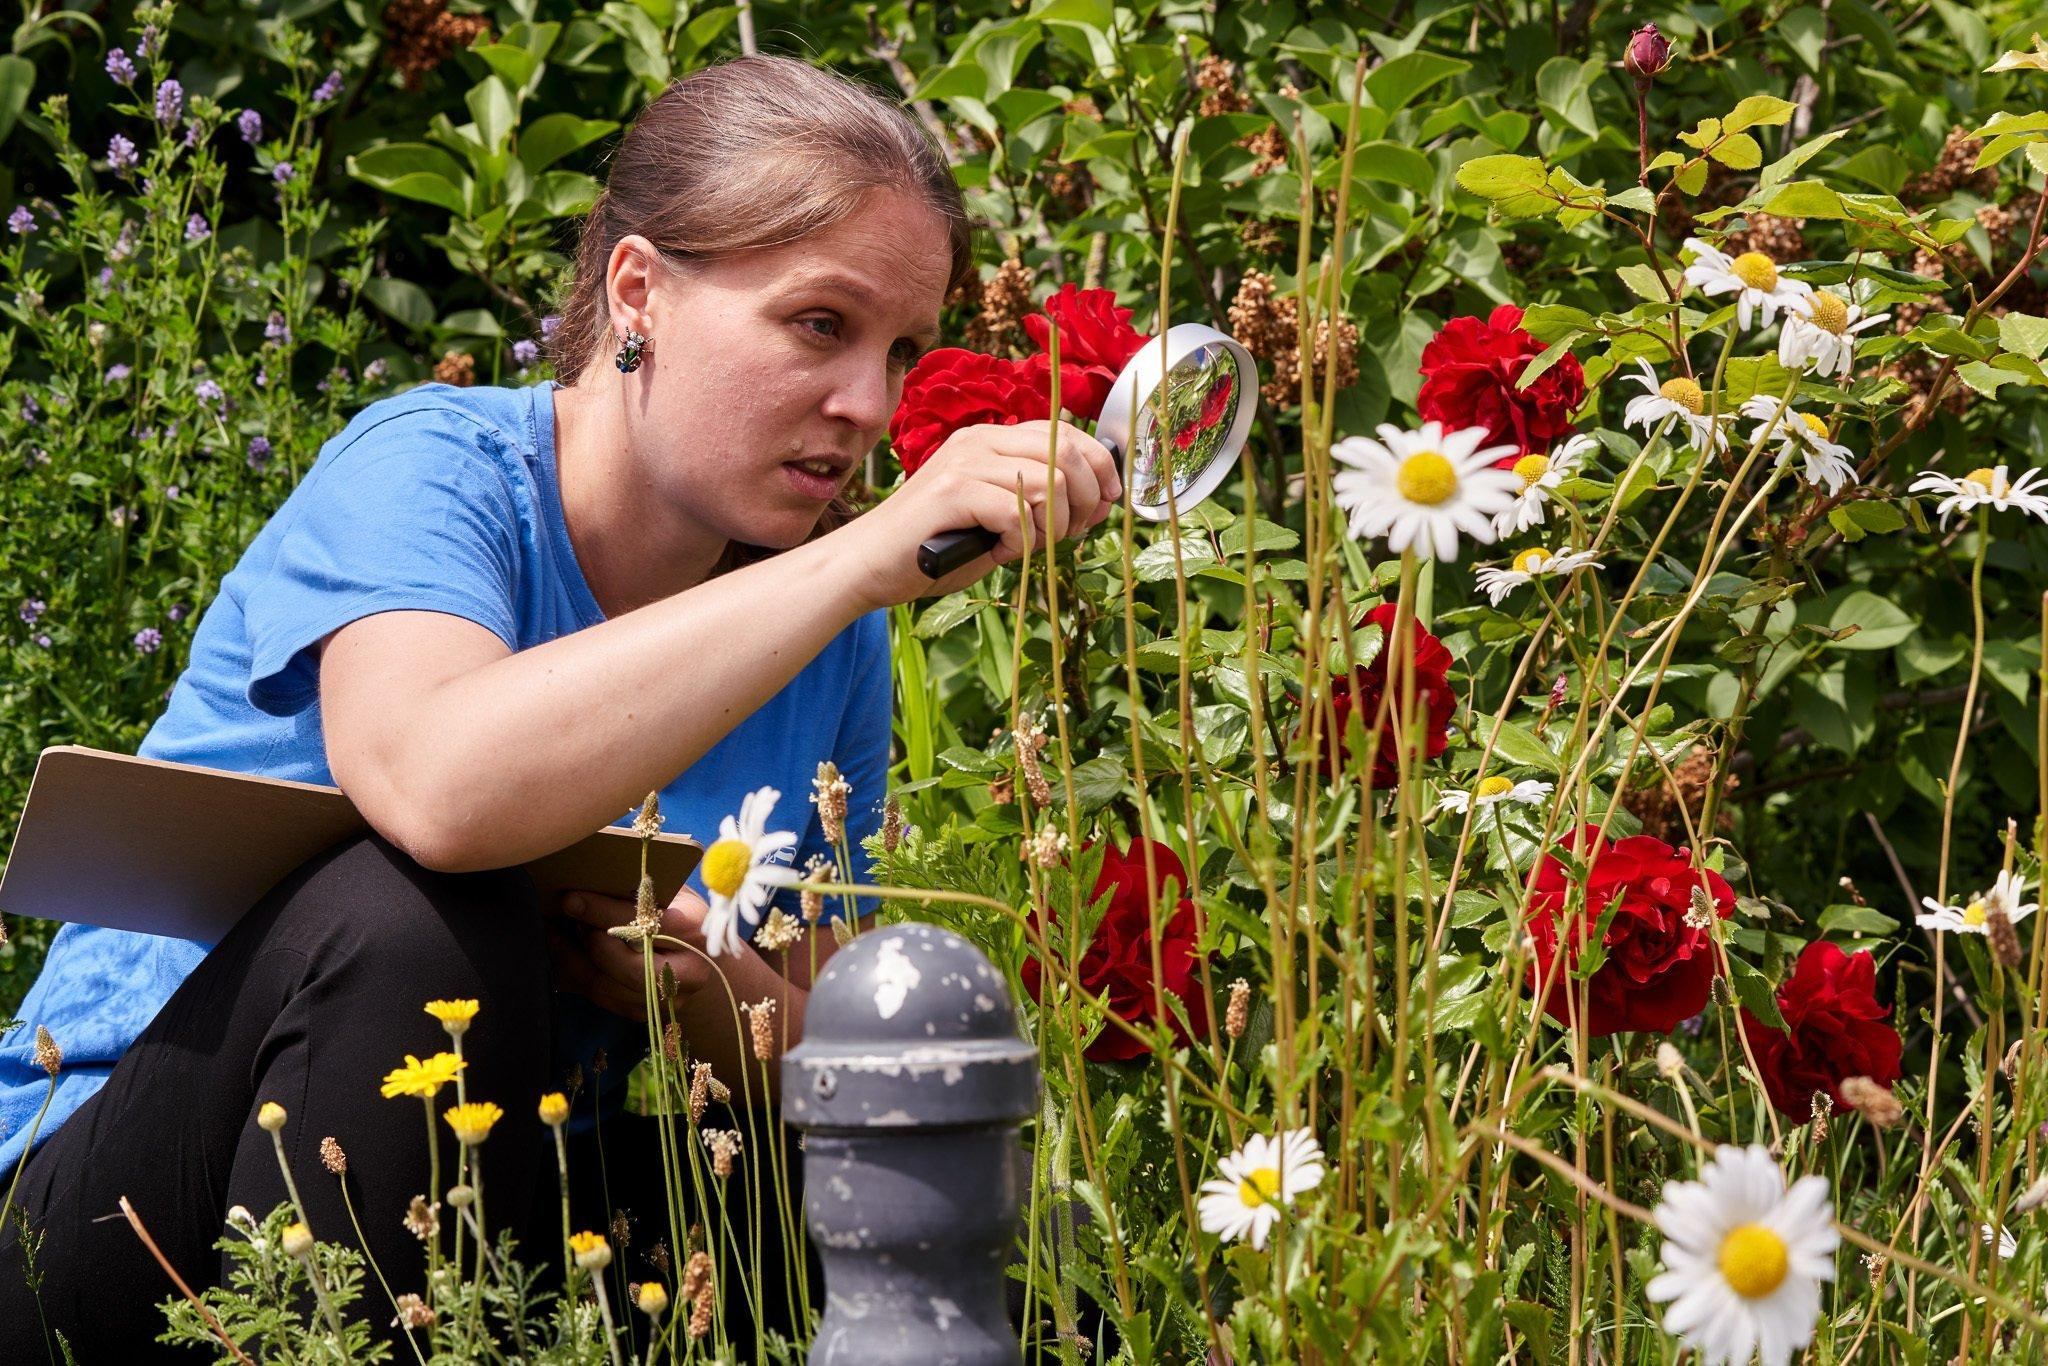 Eine Frau mit braunen Haaren, blauem T-Shirt und schwarzer Hose hockt im hohen Gras zwischen roten Rosen und weiß-gelben Margeriten und betrachtet Insekten durch eine Lupe. Auf dem Oberschenkel liegt ein Klemmbrett.